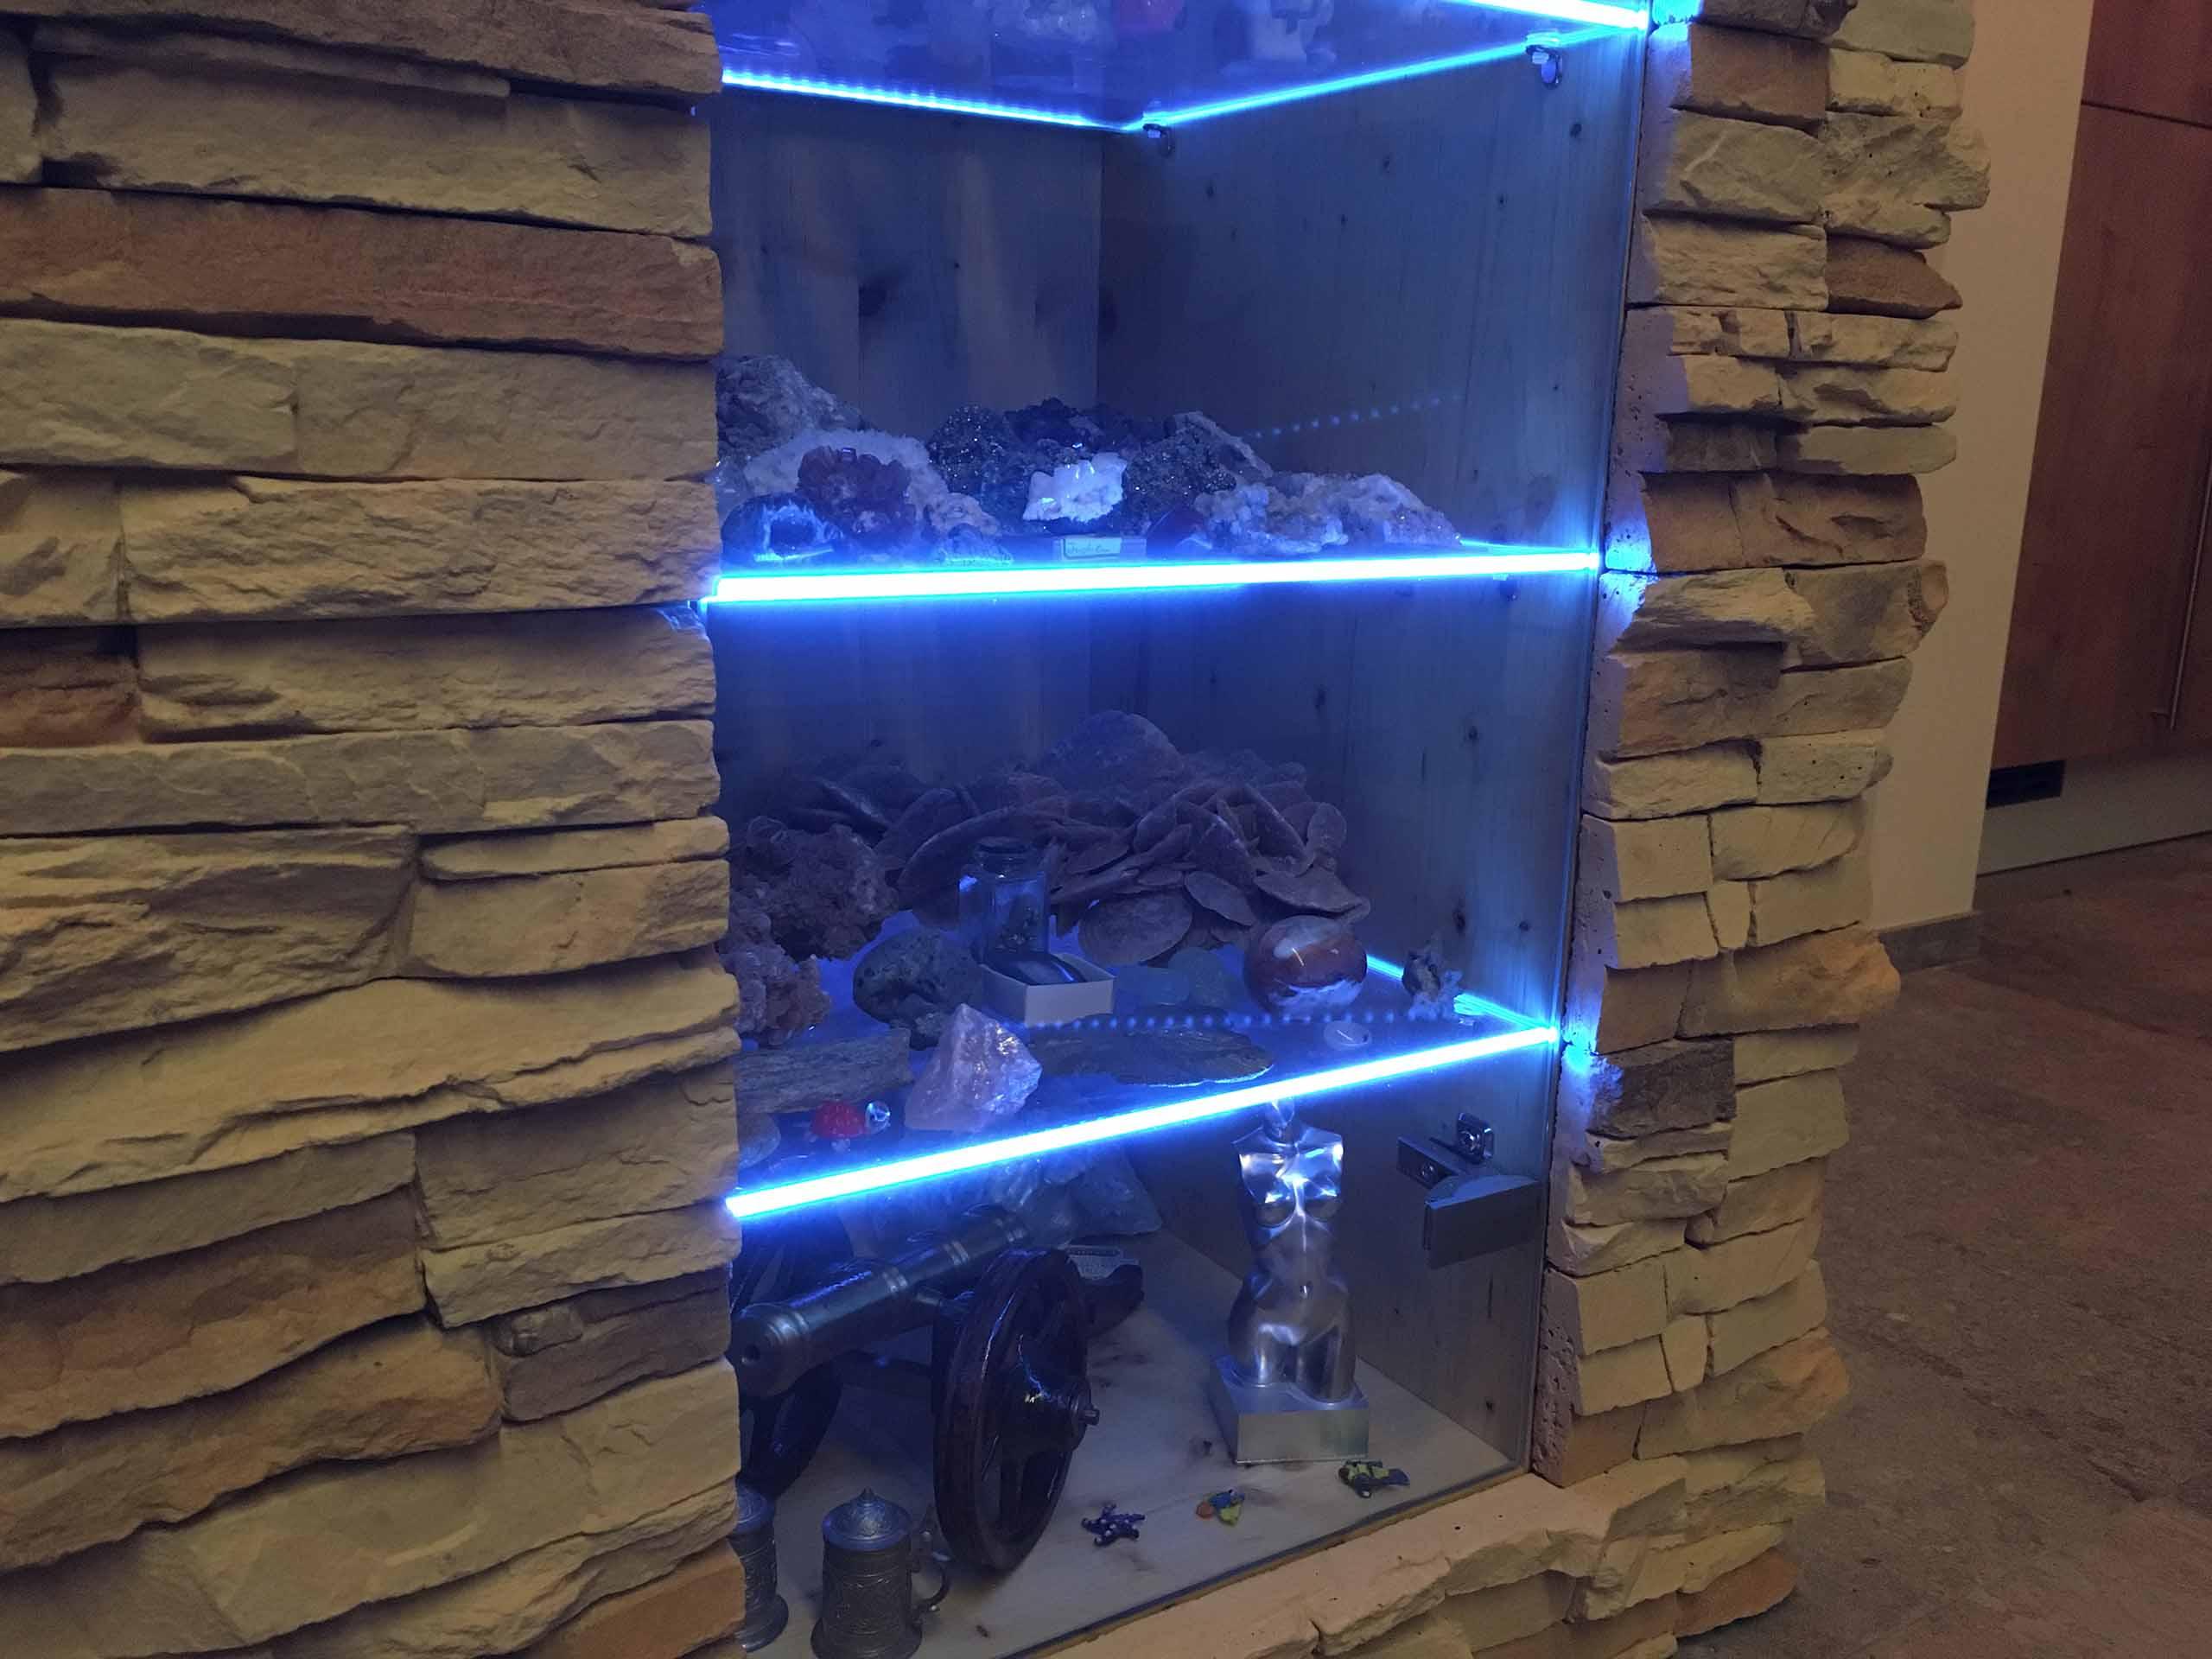 Die farbige LED-Regalbeleuchtung eines modernen Wohnzimmers steht im Vordergrund.